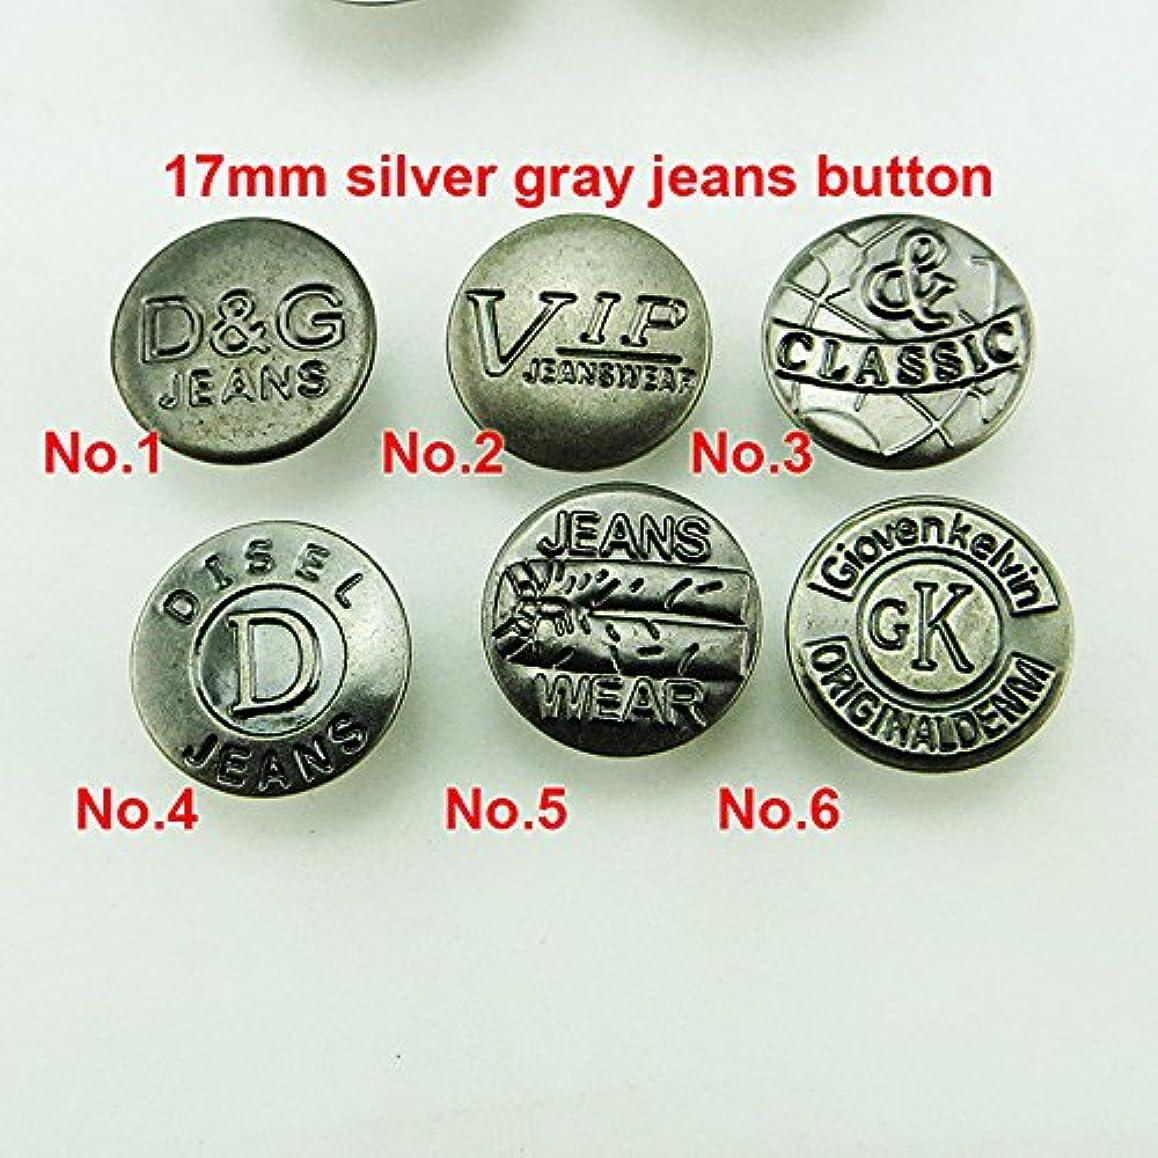 休眠空の事実Propenary - 50PCS 17MMの手紙シルバーグレーの服ジーンズの金属ボタンJEANS BUTTON